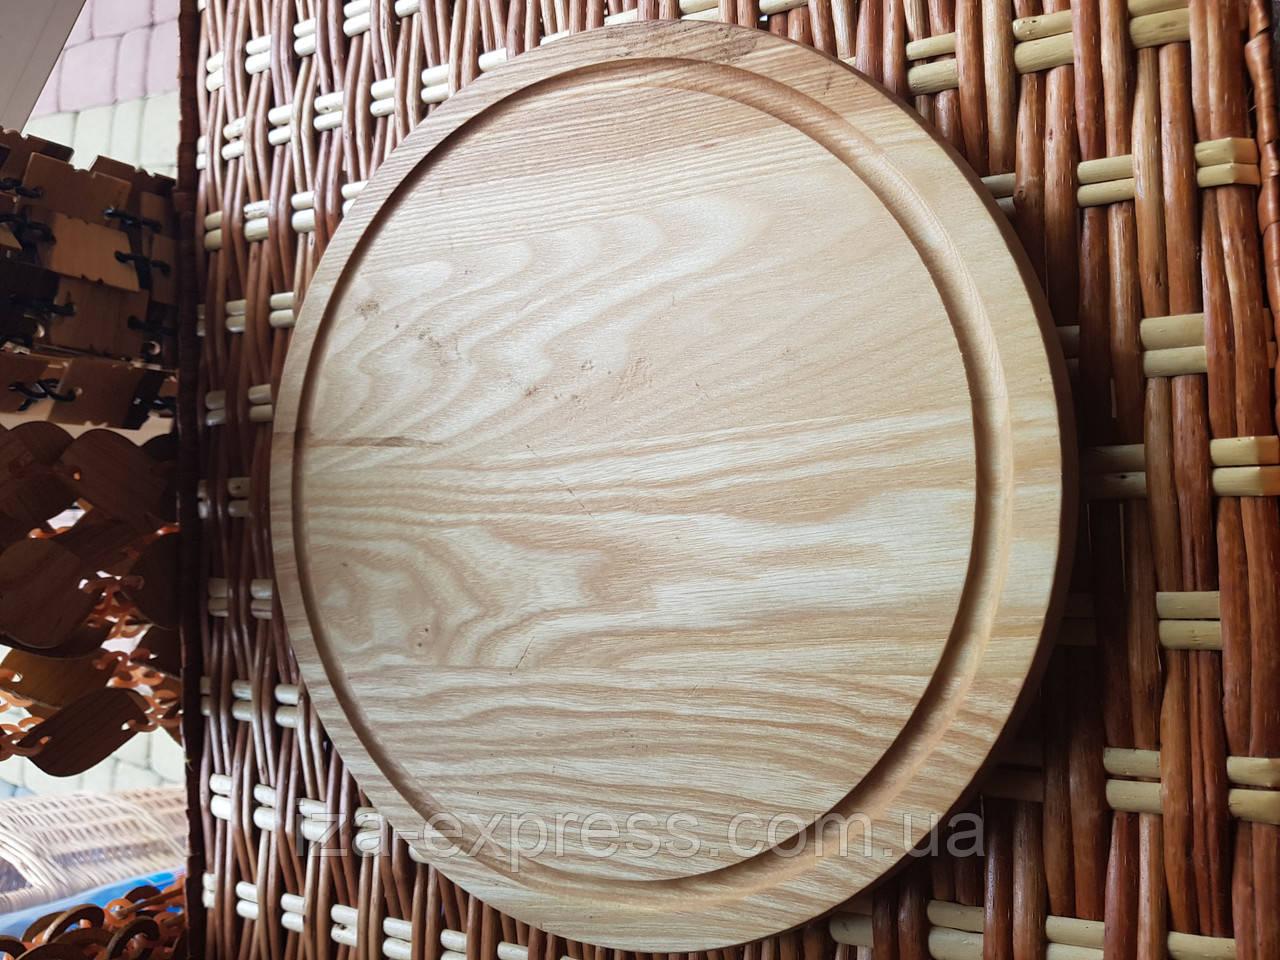 Дошка обробна дерев'яна кругла 29см для піци